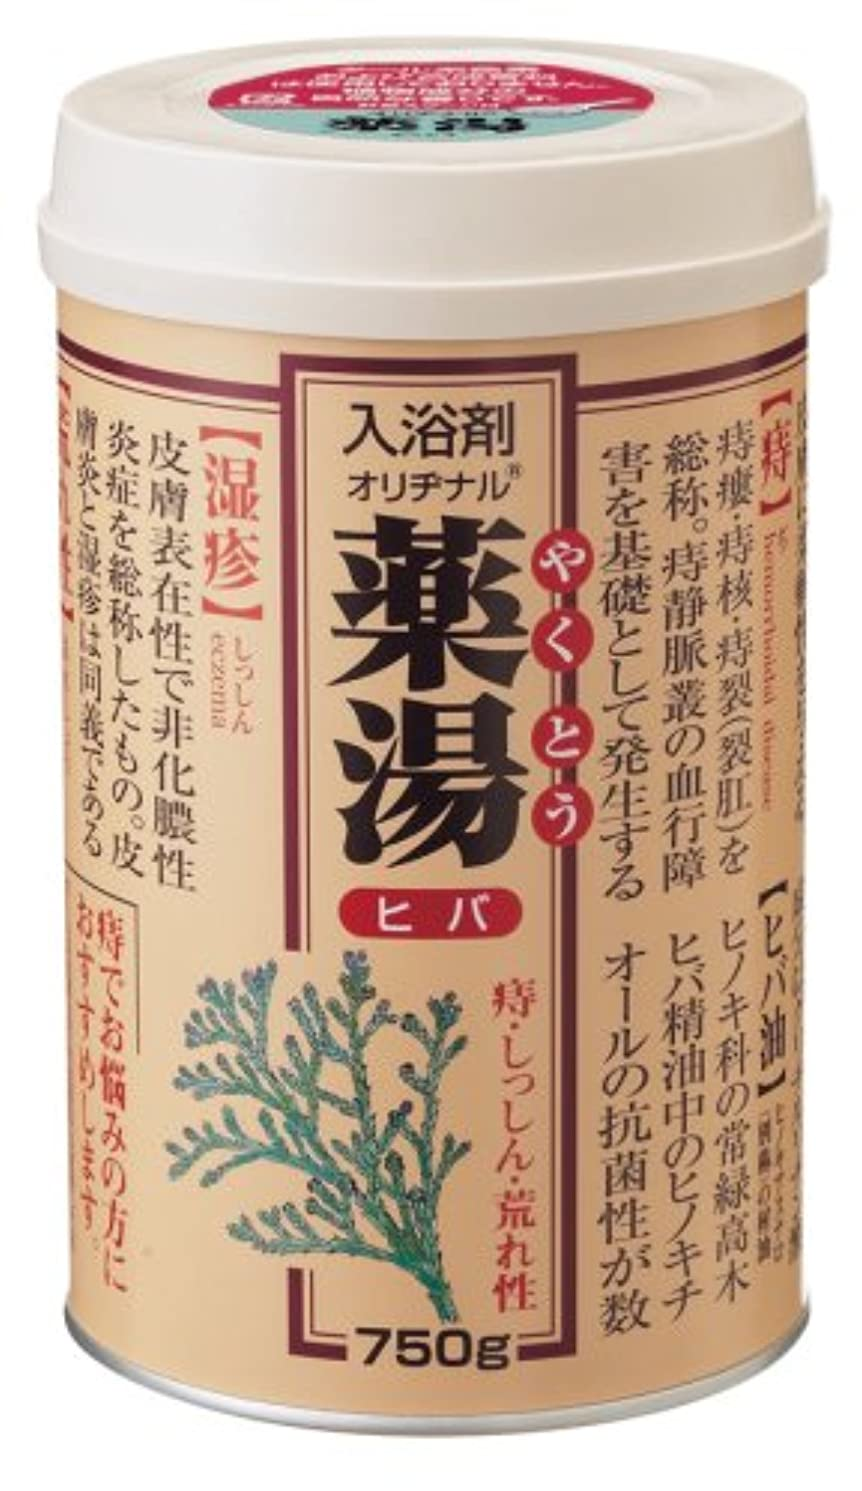 ドライブ学習批判的NEWオリヂナル薬湯 ヒバ 750g [医薬部外品]